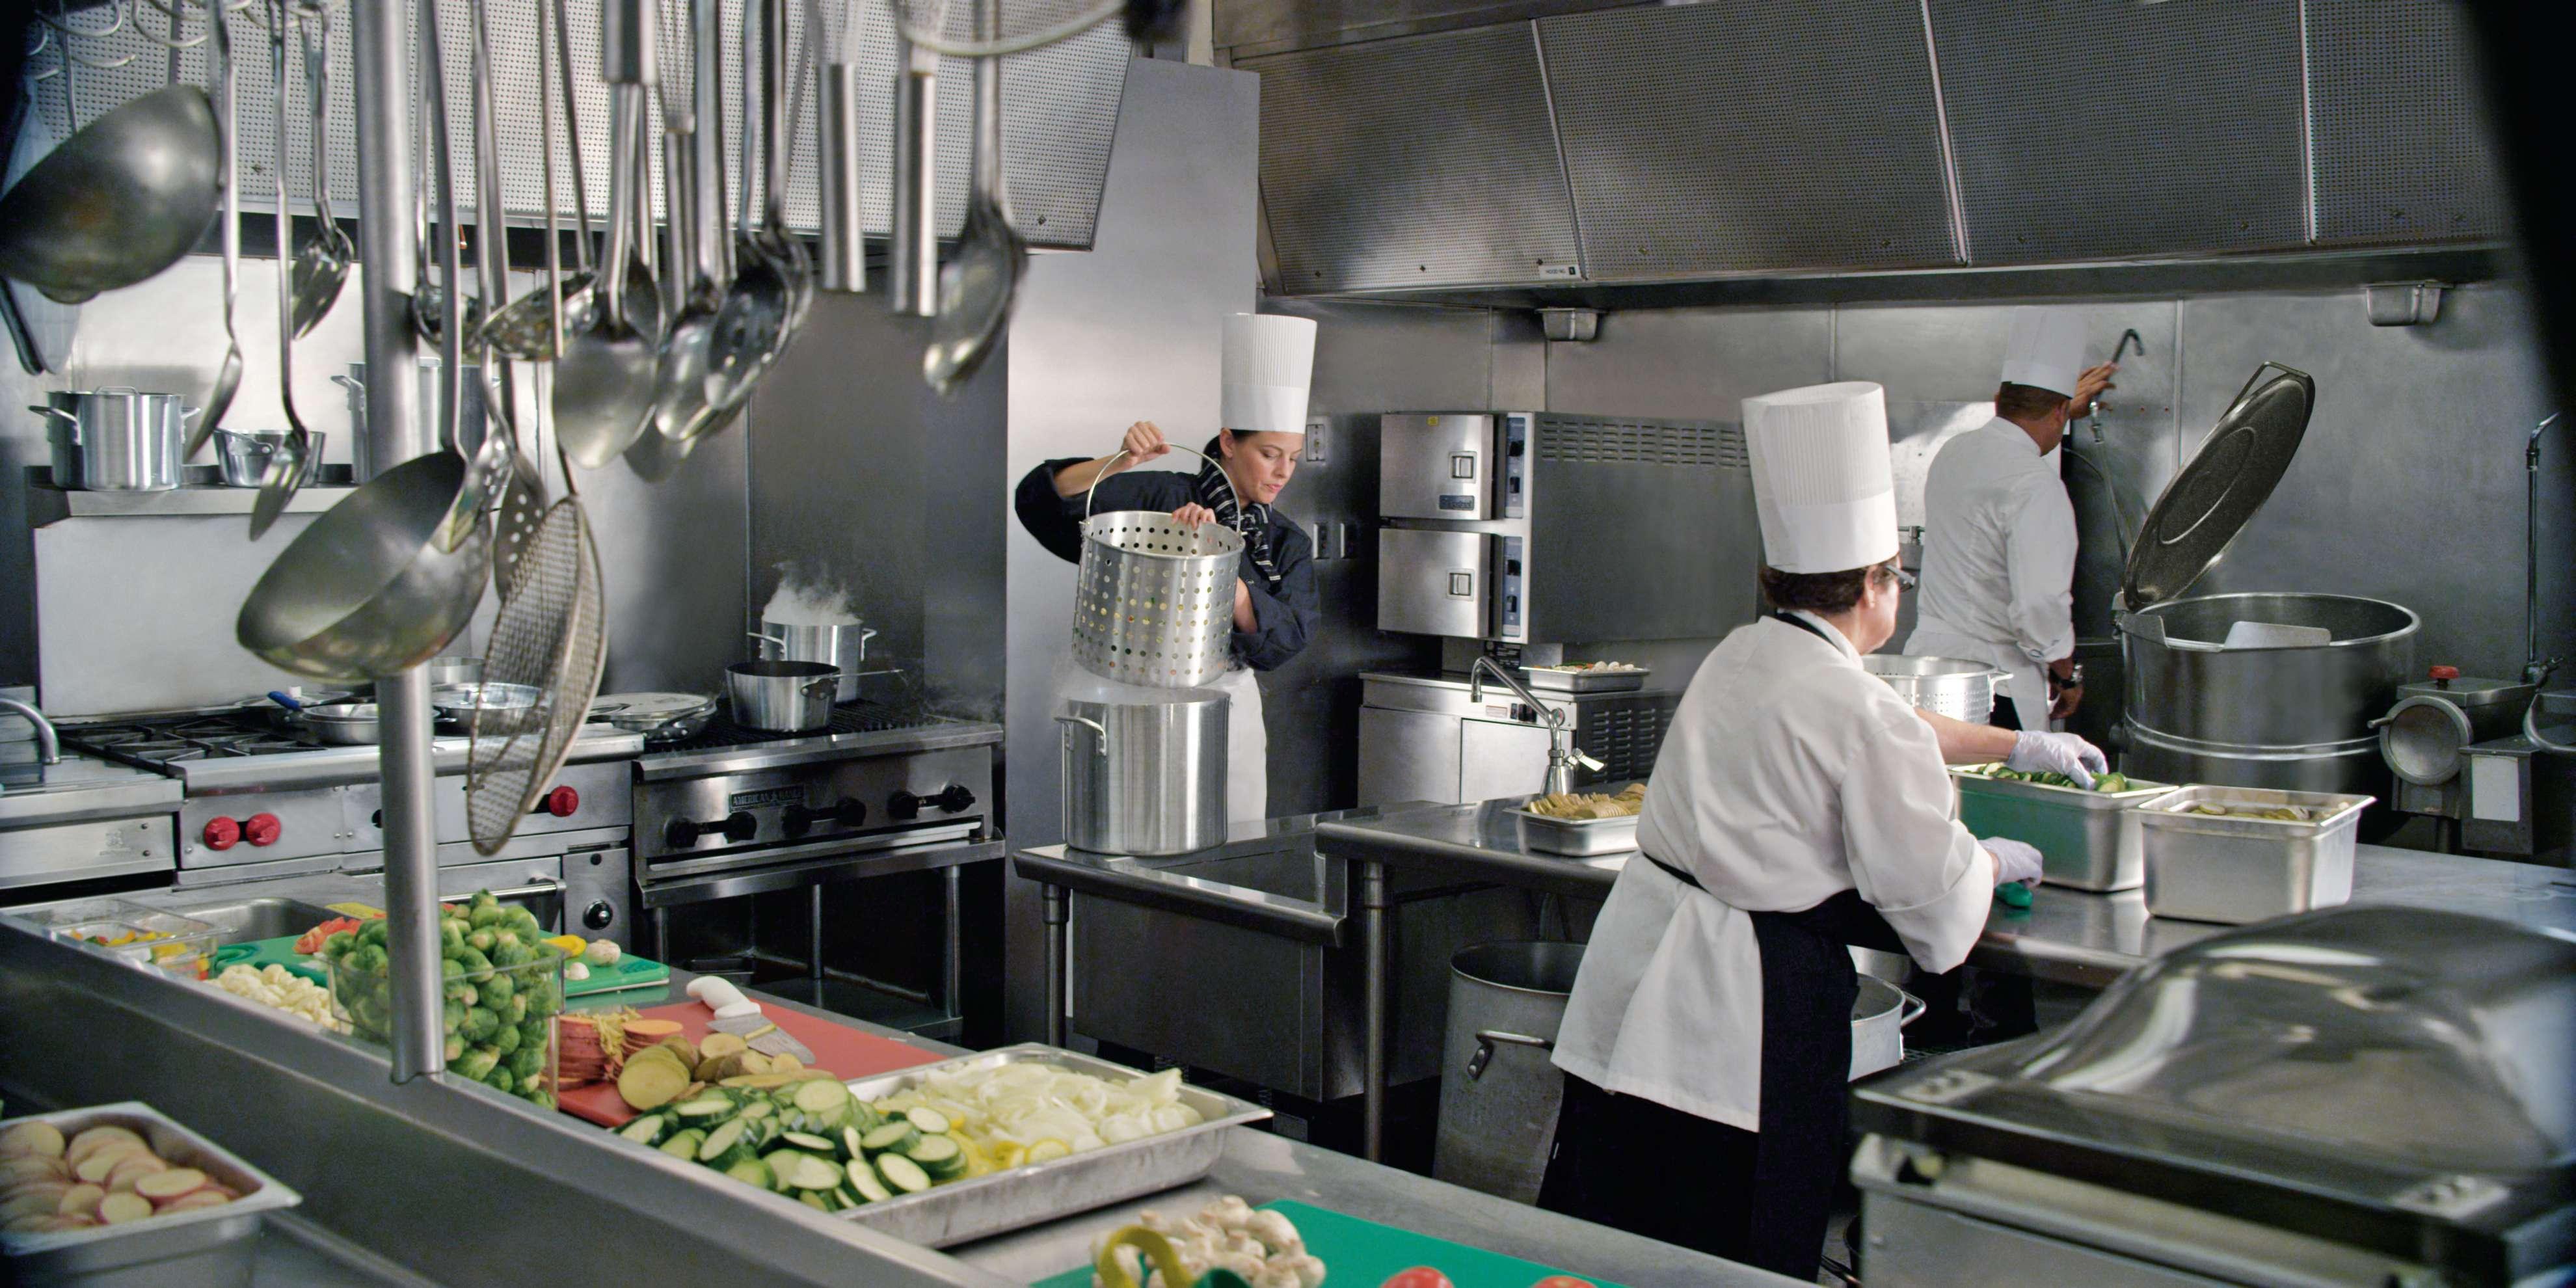 W Otwartej Kuchni Blyszczec Musi Wszystko Nie Tylko Kucharz Opanuj Czystosc Do Perfekcji Kucharze Pl